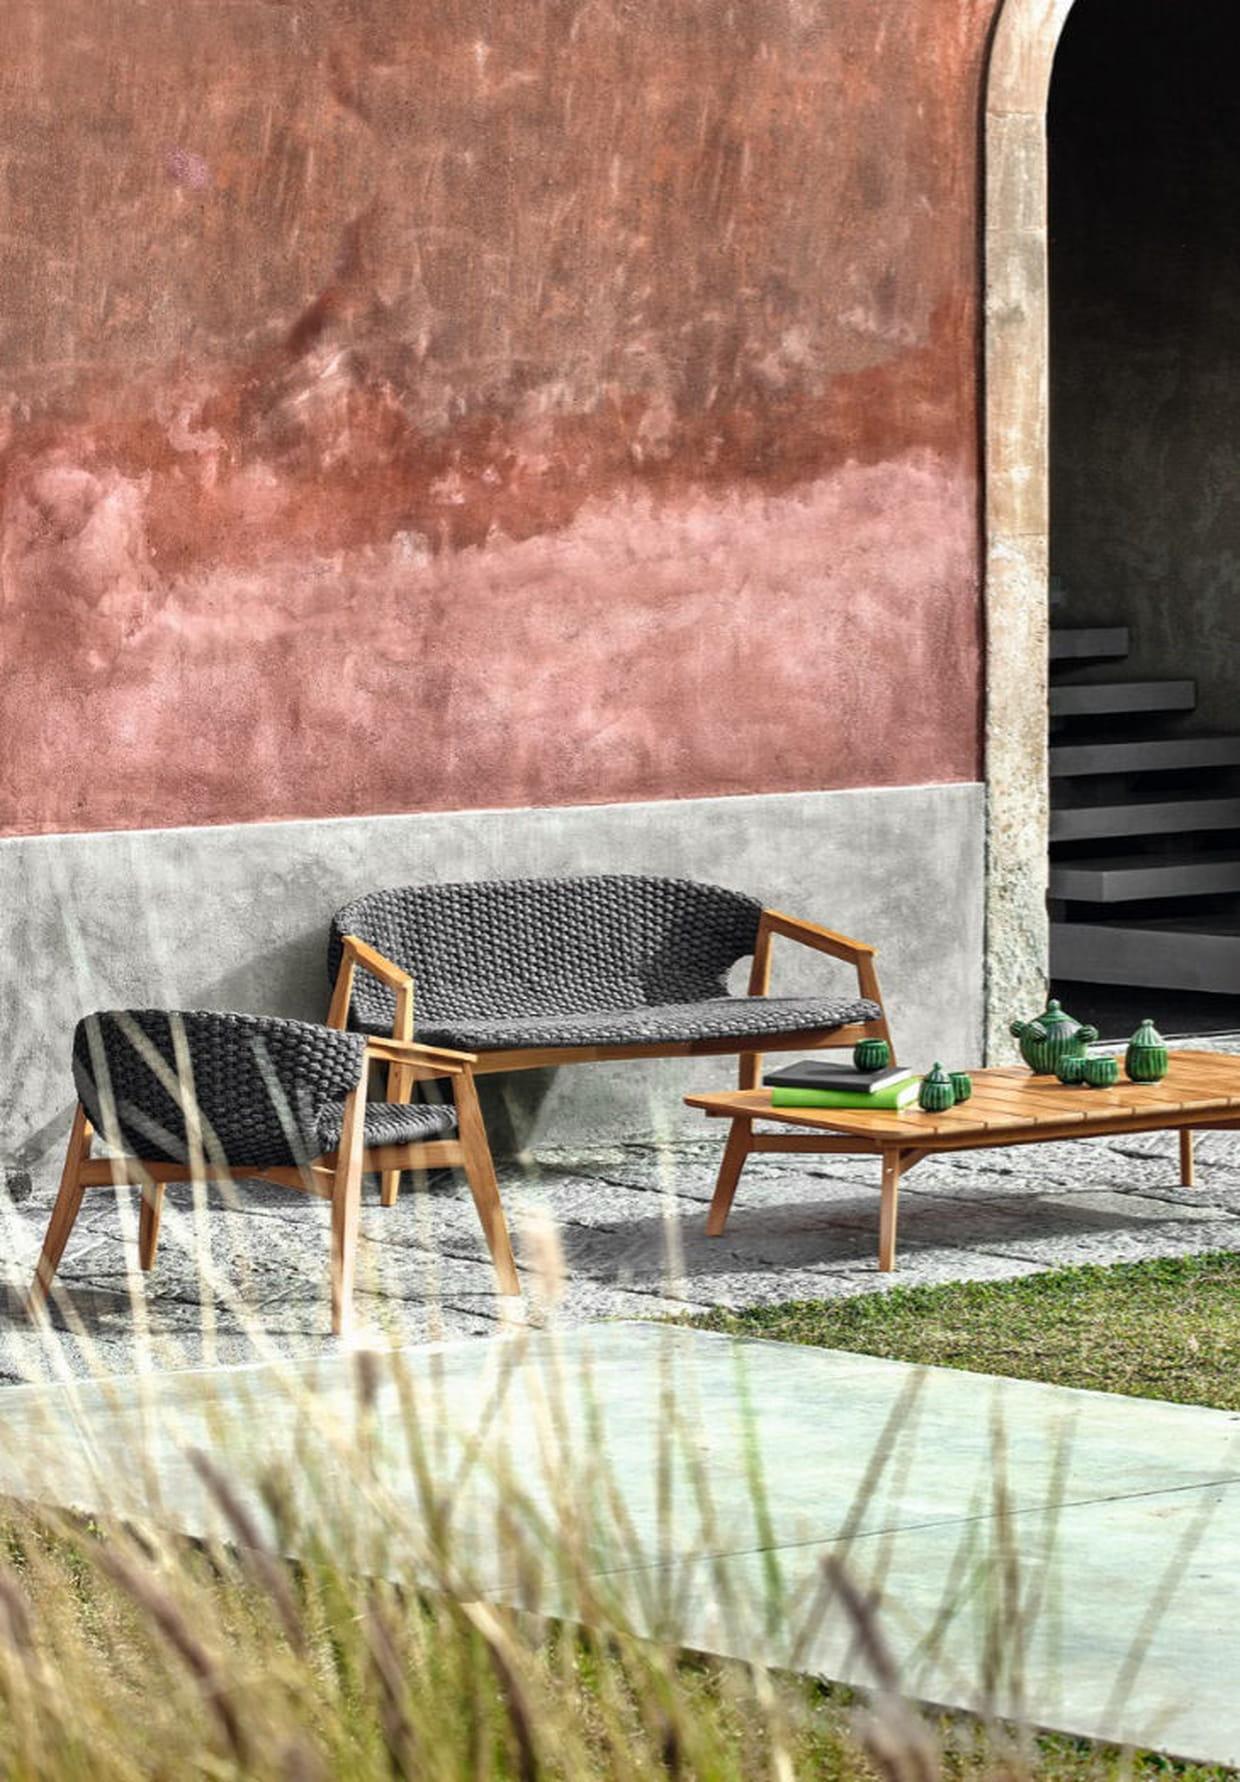 Knit Par Patrick Ethimo Salon Pour Norguet De Jardin IHED9YW2